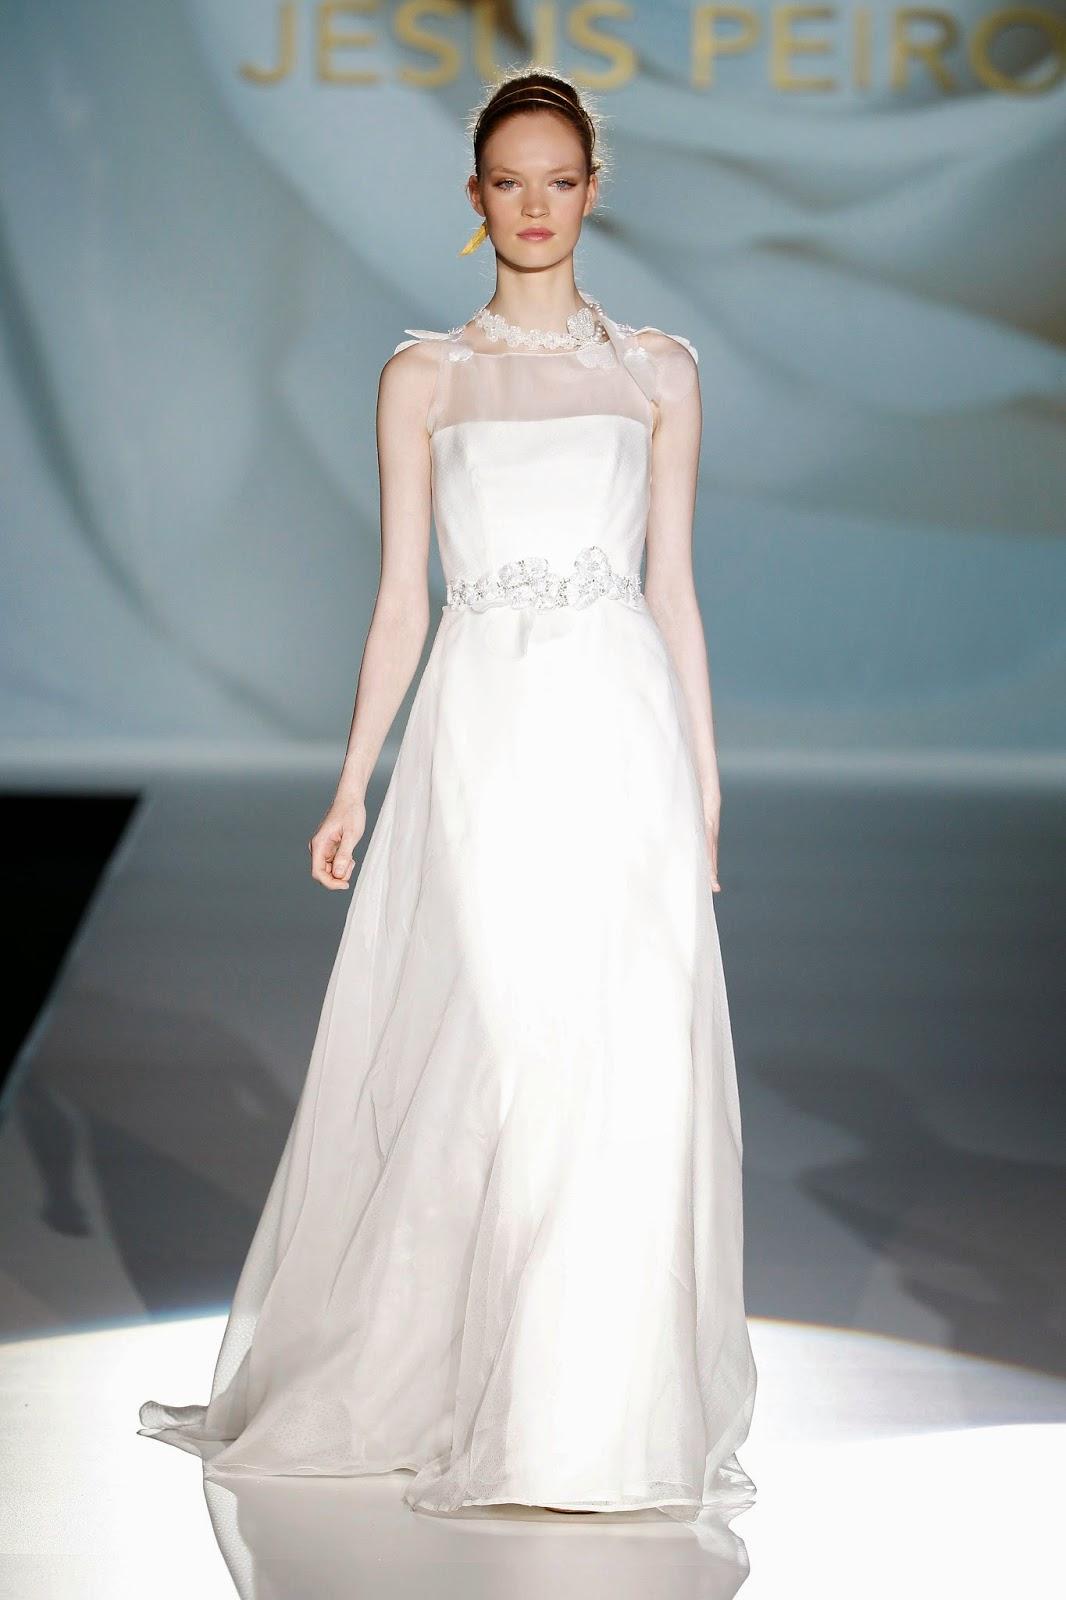 Fine Vestidos De Novia Peiro Frieze - Womens Dresses & Gowns ...